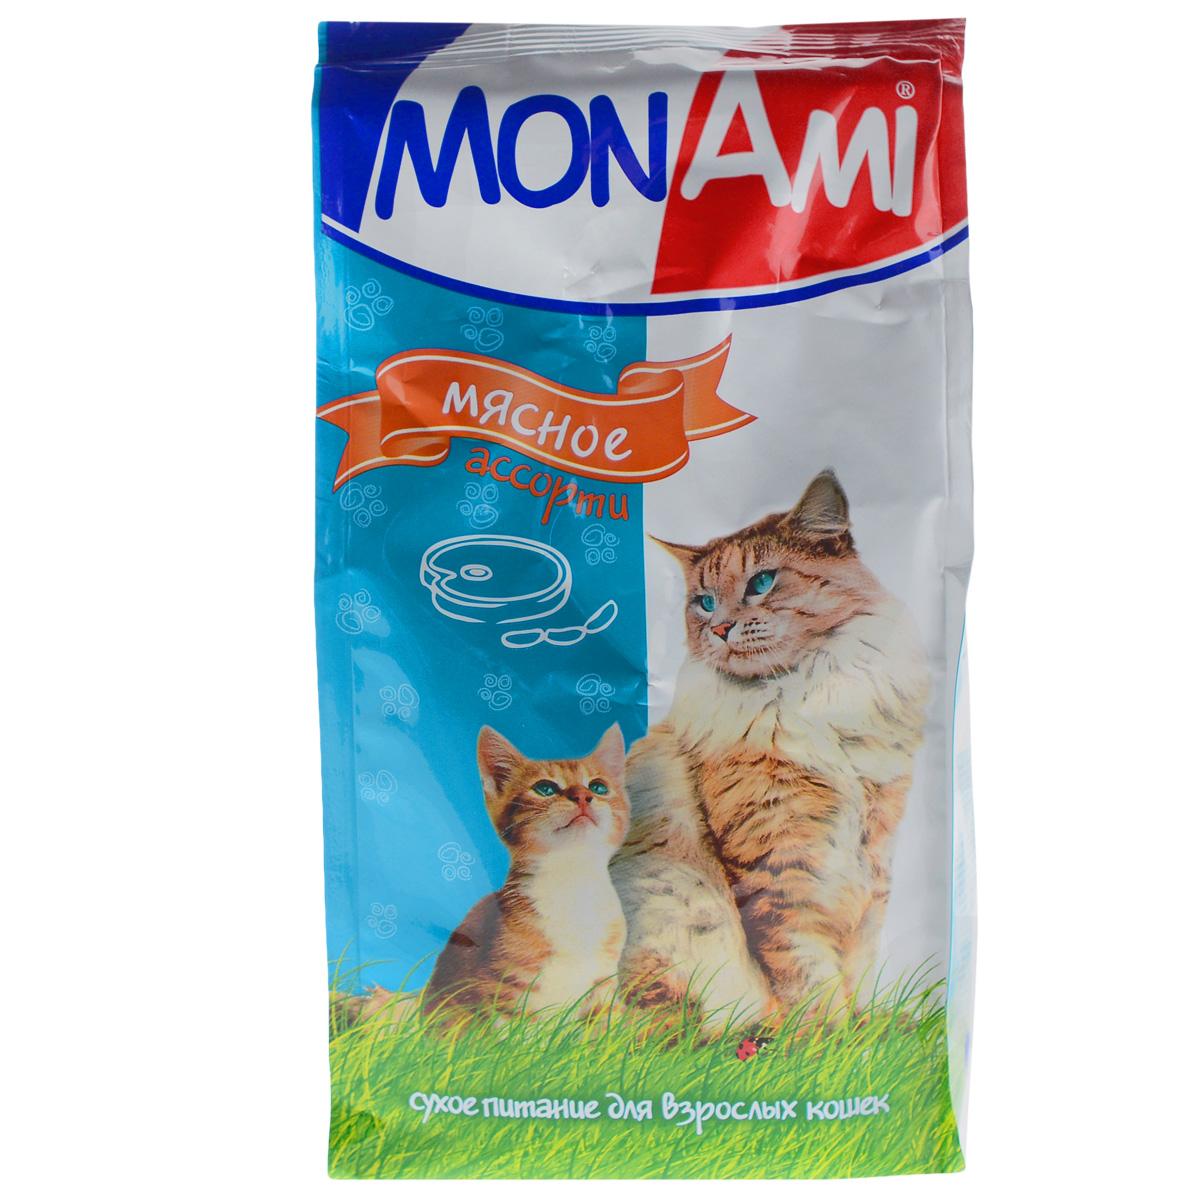 Корм сухой для кошек Mon Ami, мясное ассорти, 400 г14132Сухой корм для кошек Mon Ami - это полноценное сбалансированное питание для кошек, разработанное с использованием современных технологий. Особенности рациона: Необходимое сочетание ингредиентов для достижения правильной усвояемости питательных веществ организмом. Источник линолевой кислоты и правильного уровня витаминов группы В благотворно влияют на кожу и шерсть. Таурин - для здоровья глаз и сердца. Состав: злаки (пшеница, рис), экстракт белка растительного происхождения, мясо и продукты животного происхождения (в т.ч. кролик), подсолнечное масло, минеральные добавки, гидролизованная печень, пульпа сахарной свеклы (жом), витамины, пивные дрожжи, таурин, антиоксидант. Анализ: сырой протеин 30%, сырой жир 10%, сырая зола 7%, сырая клетчатка 2,5%, влажность 10%, фосфор 0,9%, кальций 1,05%, витамин А 5000 МЕ/кг, витамин Д 500 МЕ/кг, витамин Е 30 мг/кг. Энергетическая ценность: 333 ккал/100 г. Товар сертифицирован.